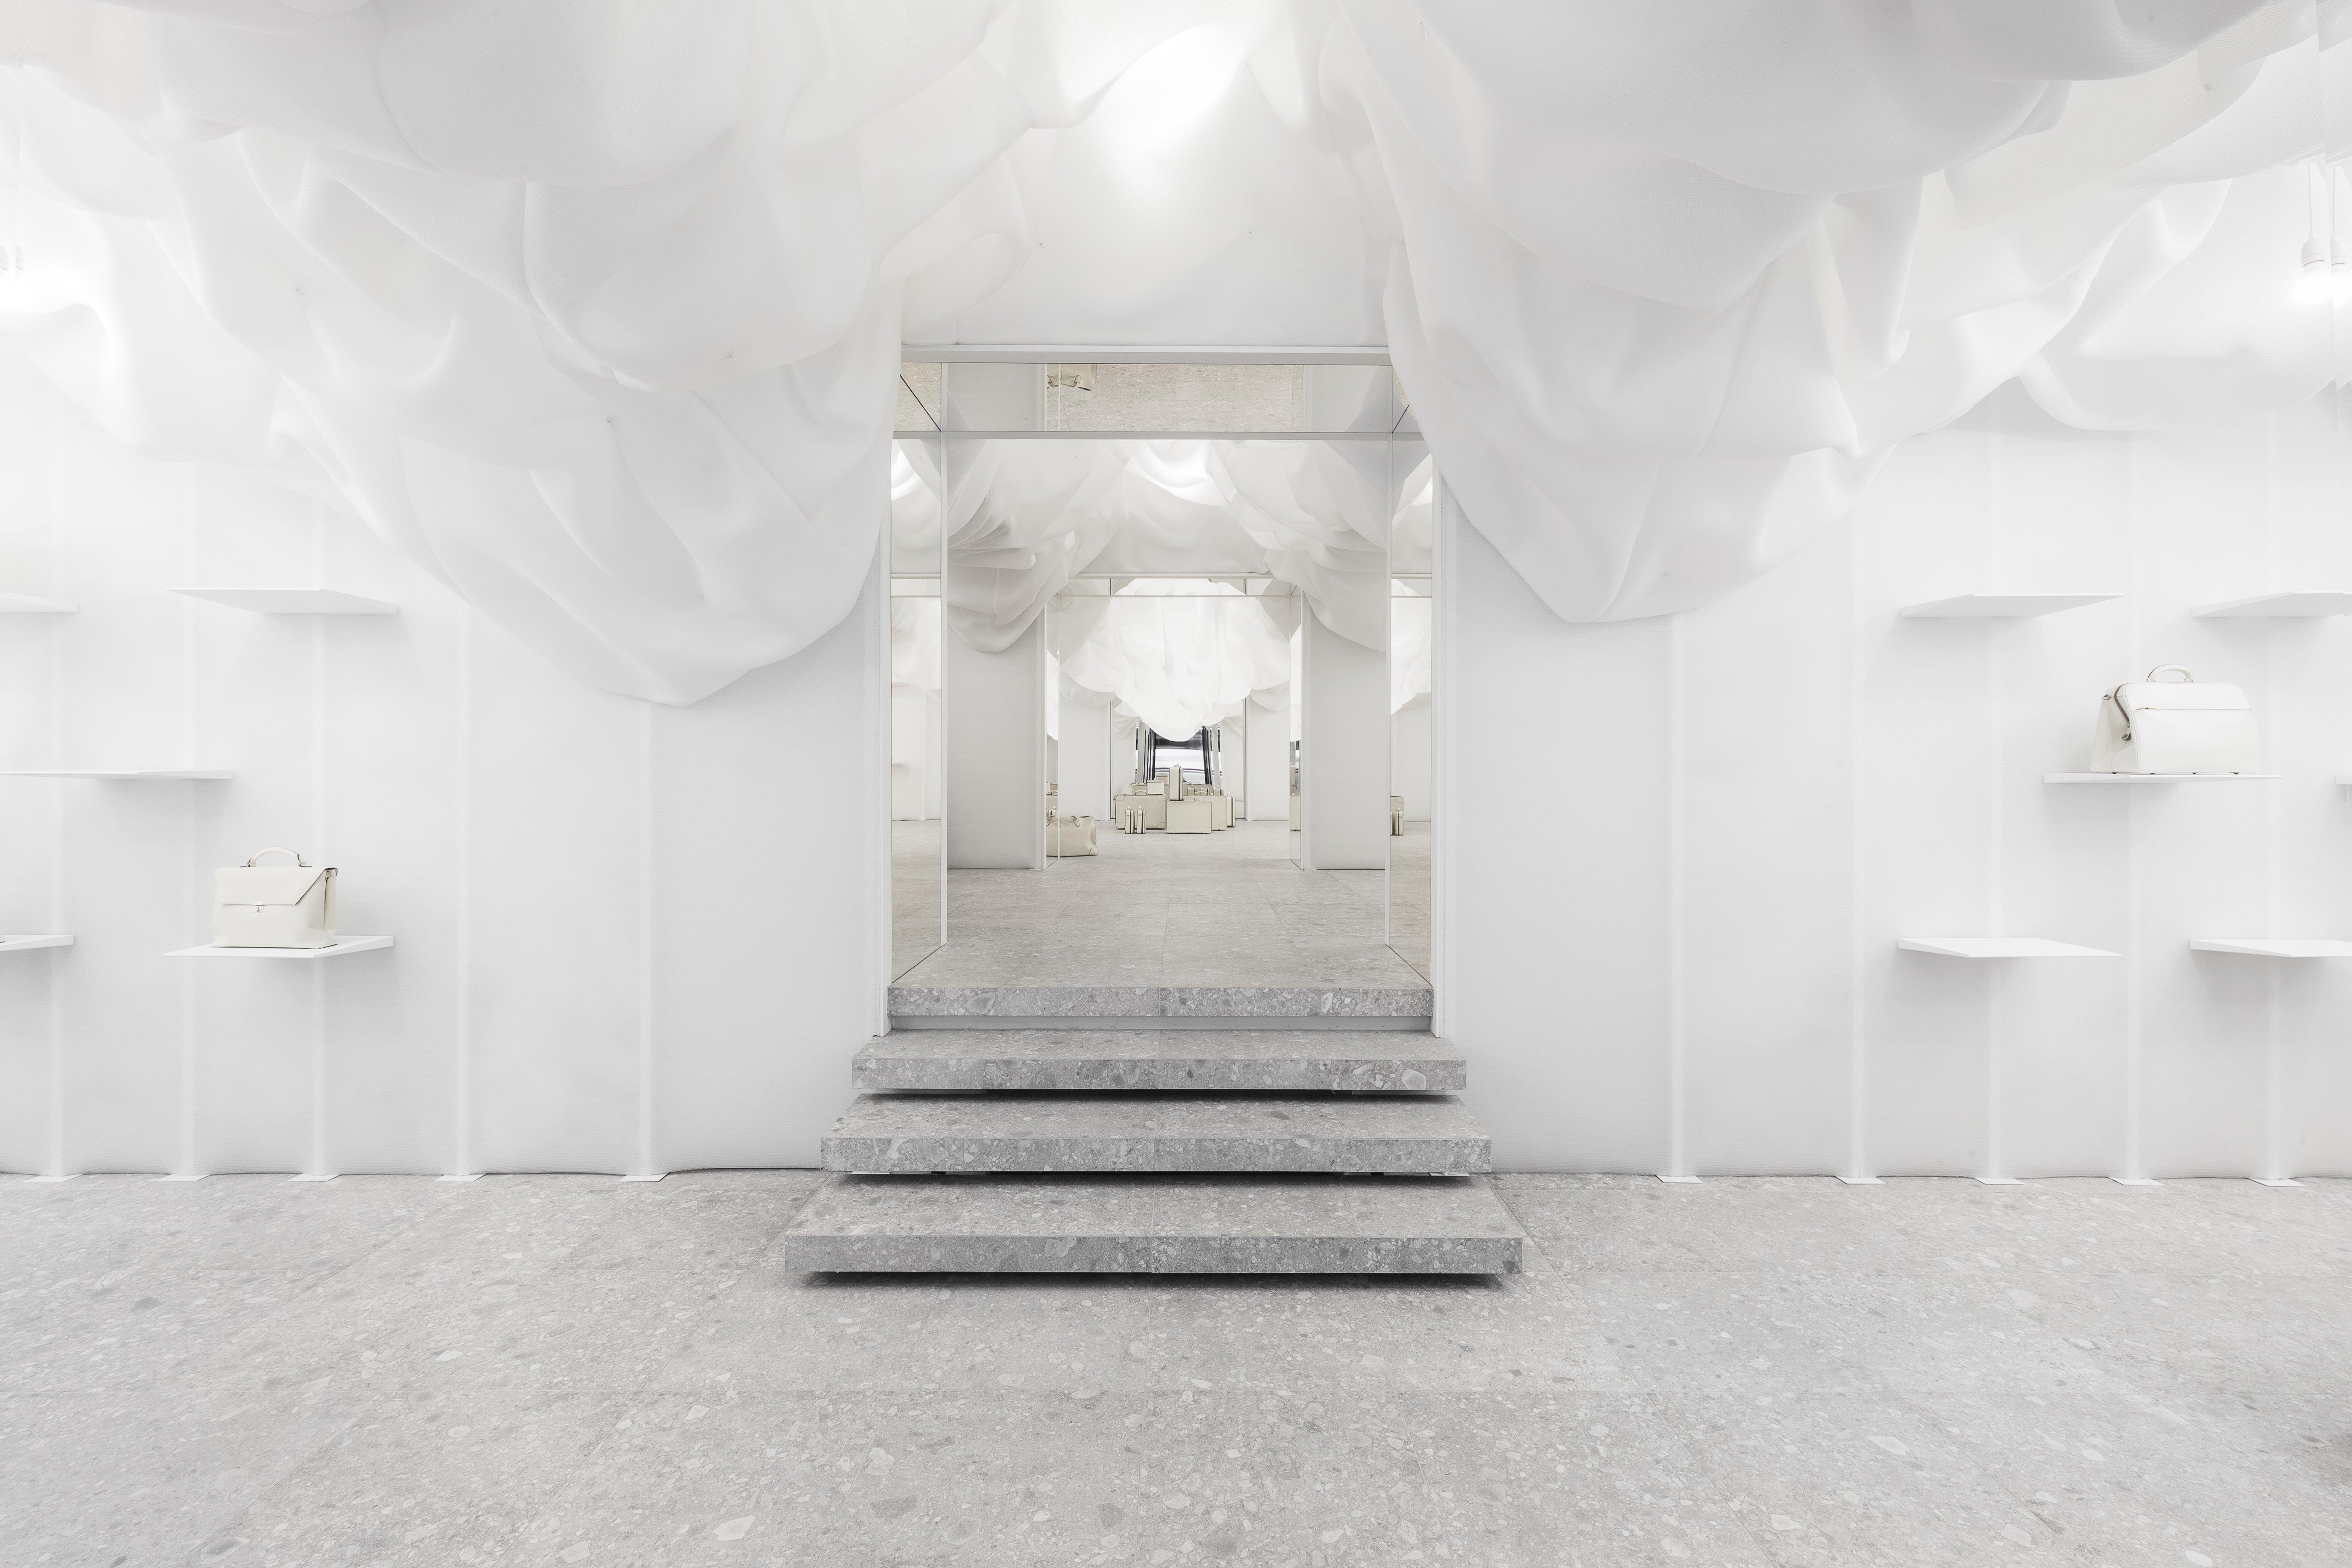 Der Valextra Flagship Store In Mailand Ist Ein Besonderer Showroom. Die  Abwesenheit Von Farbe Als Essenz Zelebriert Luxuriöses Design. Md